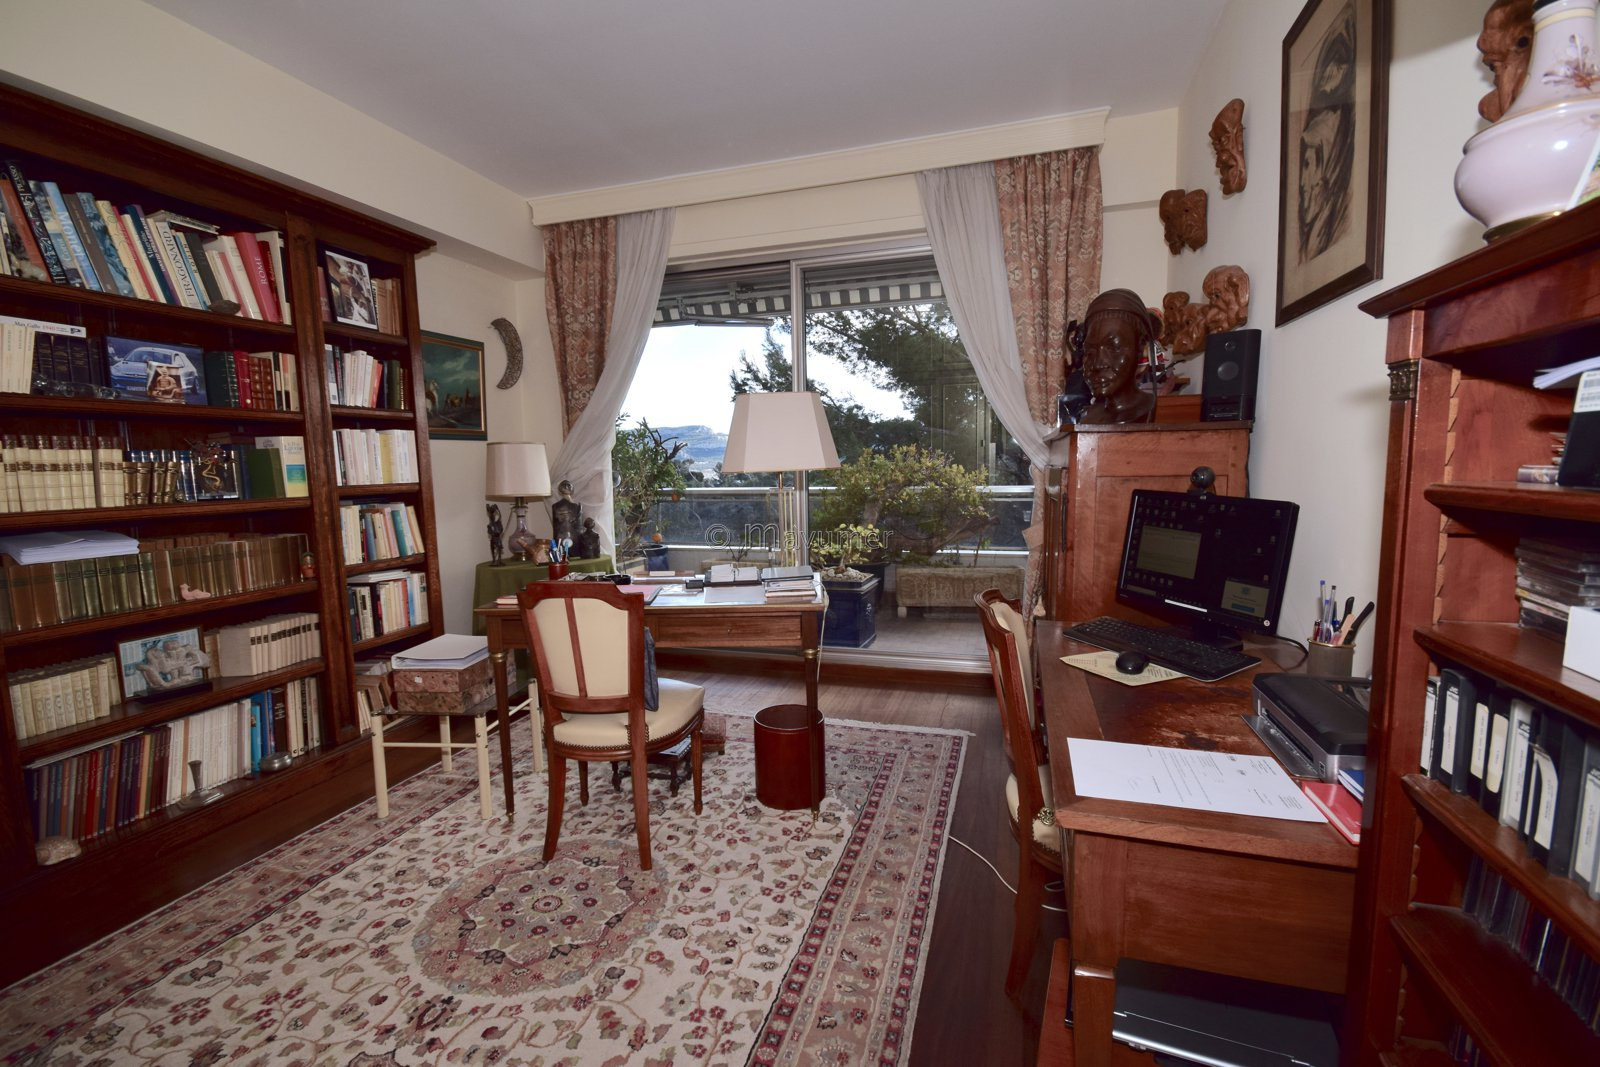 Viager occupé- superbe appartement T4 avec terrasses